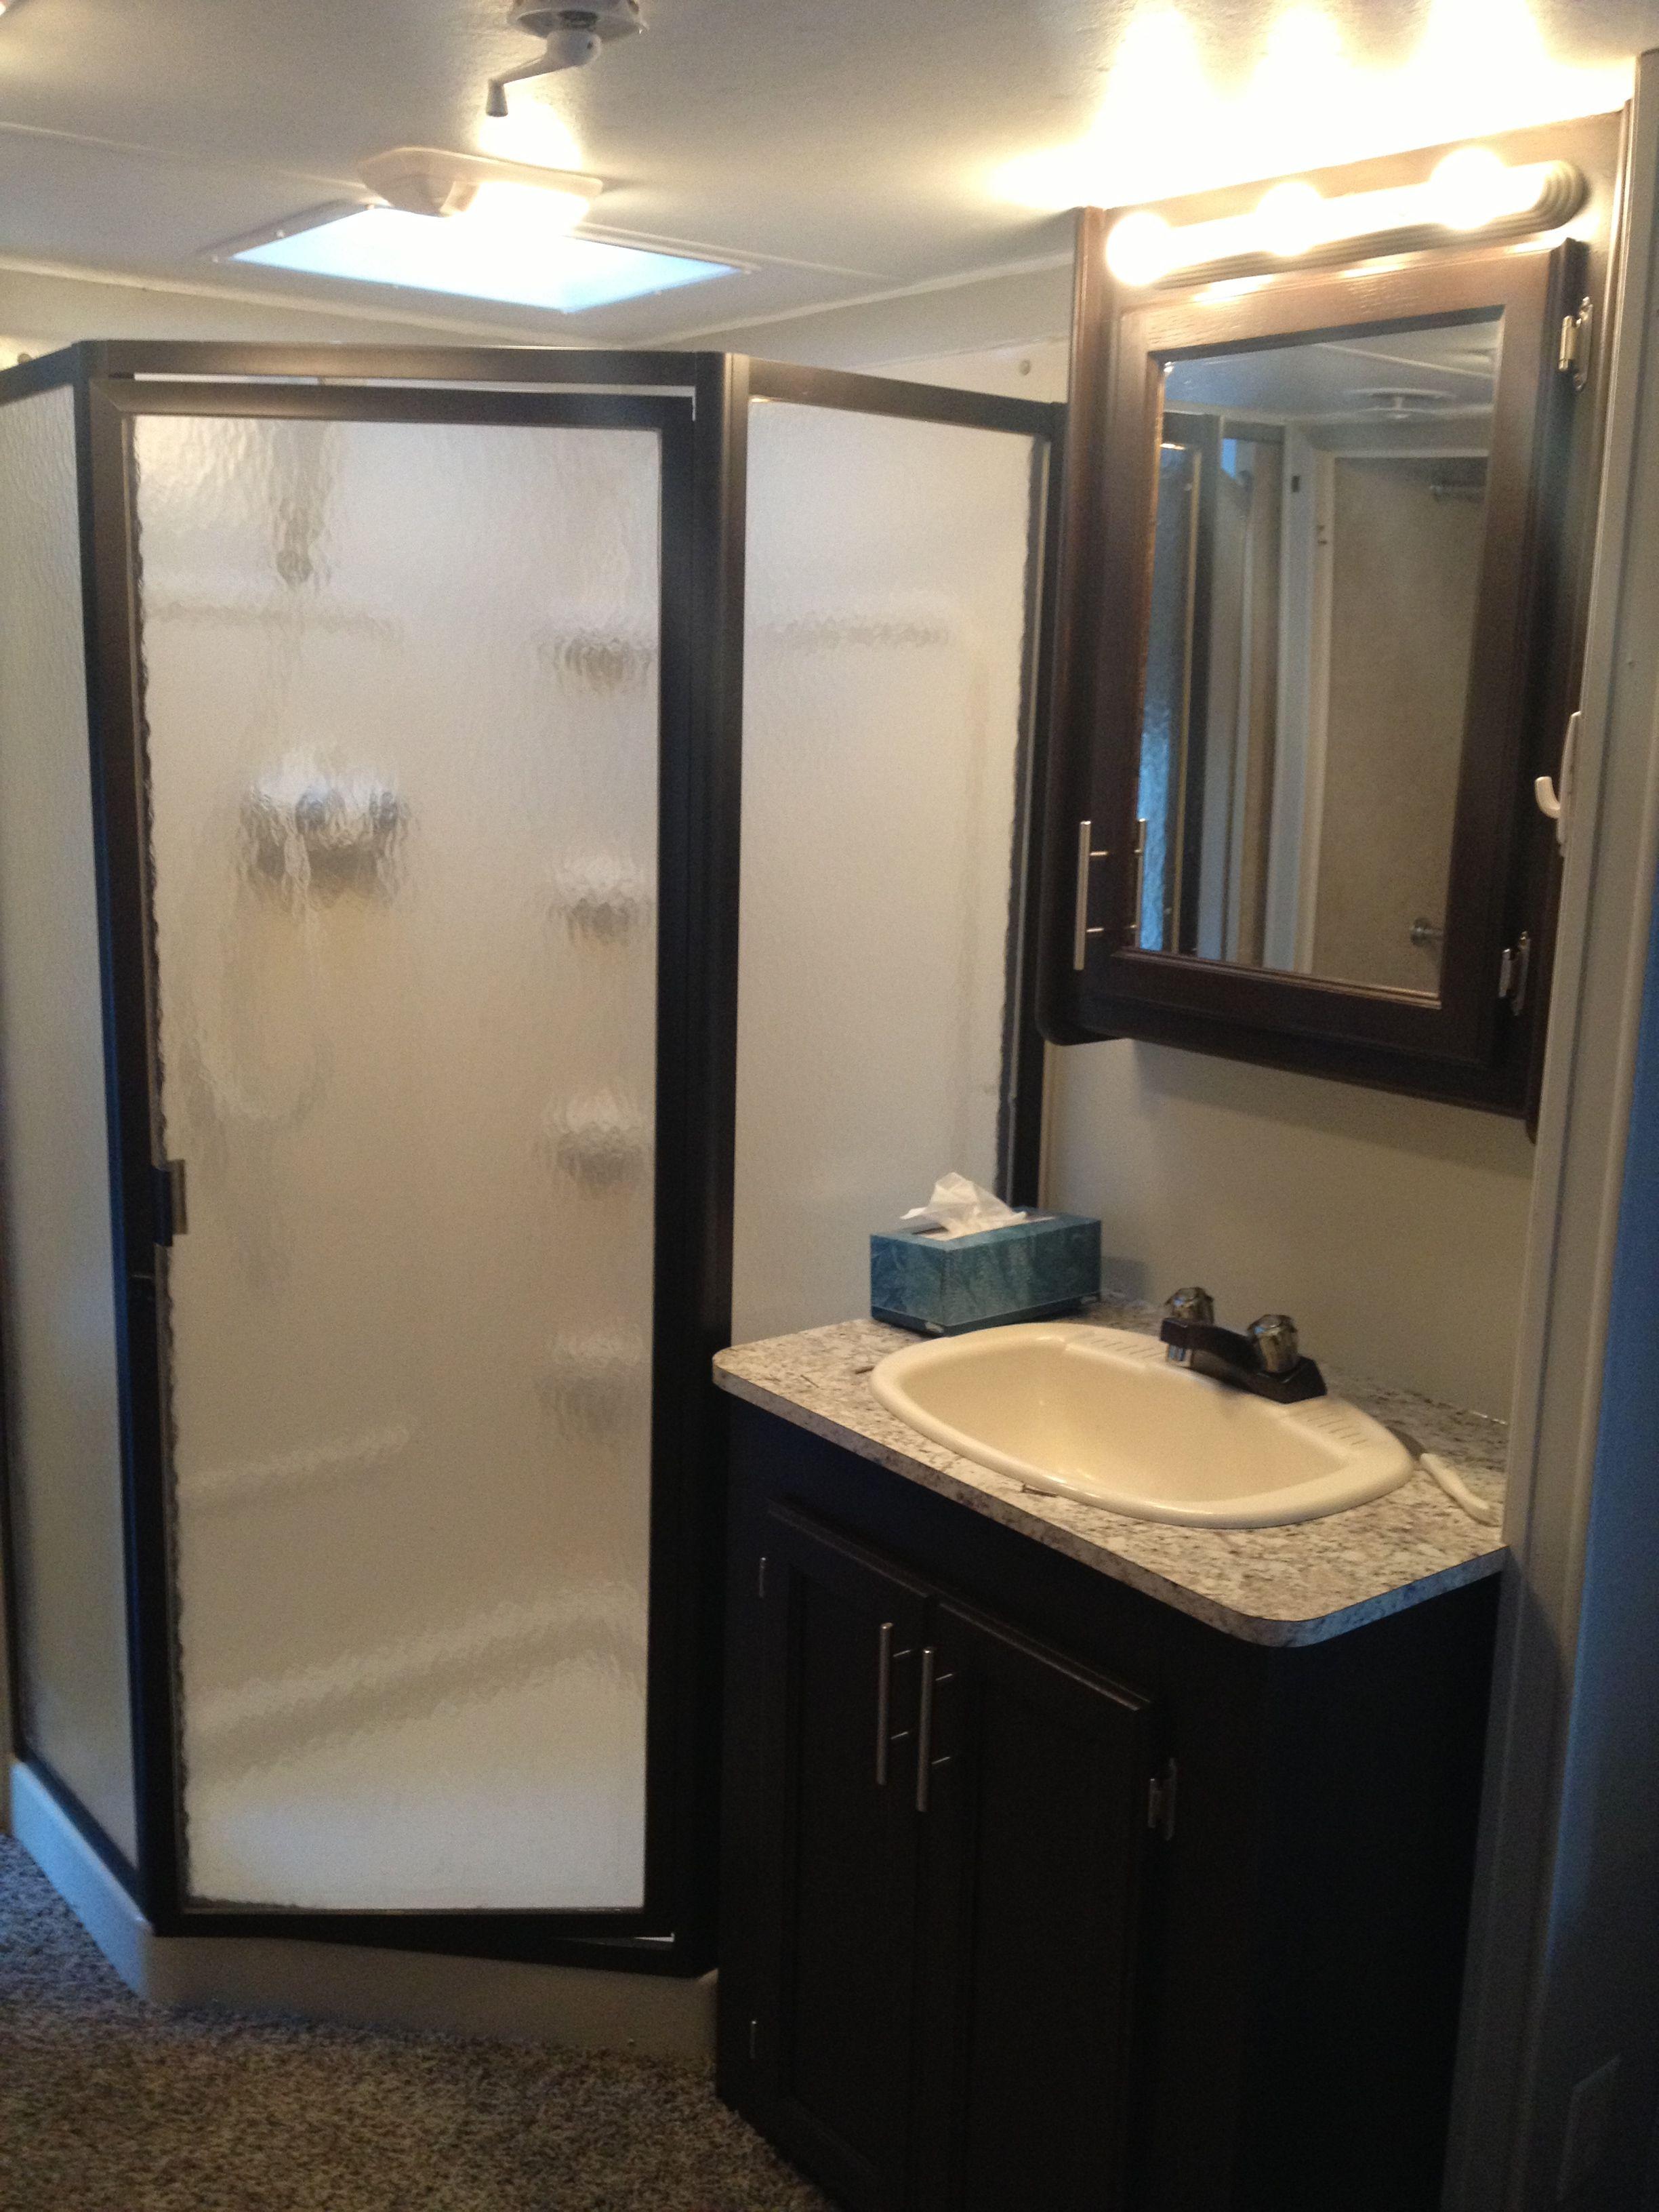 Bathroom Tub Cleaner